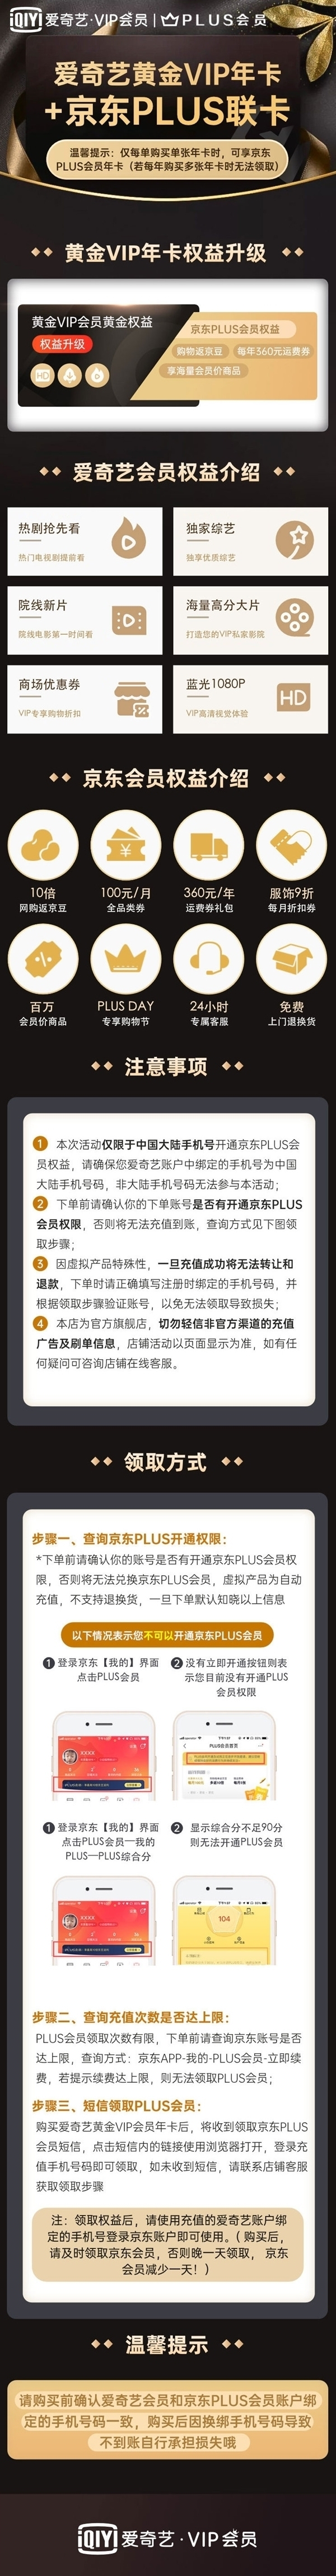 历史新低:京东PLUS+爱奇艺会员双年卡118元